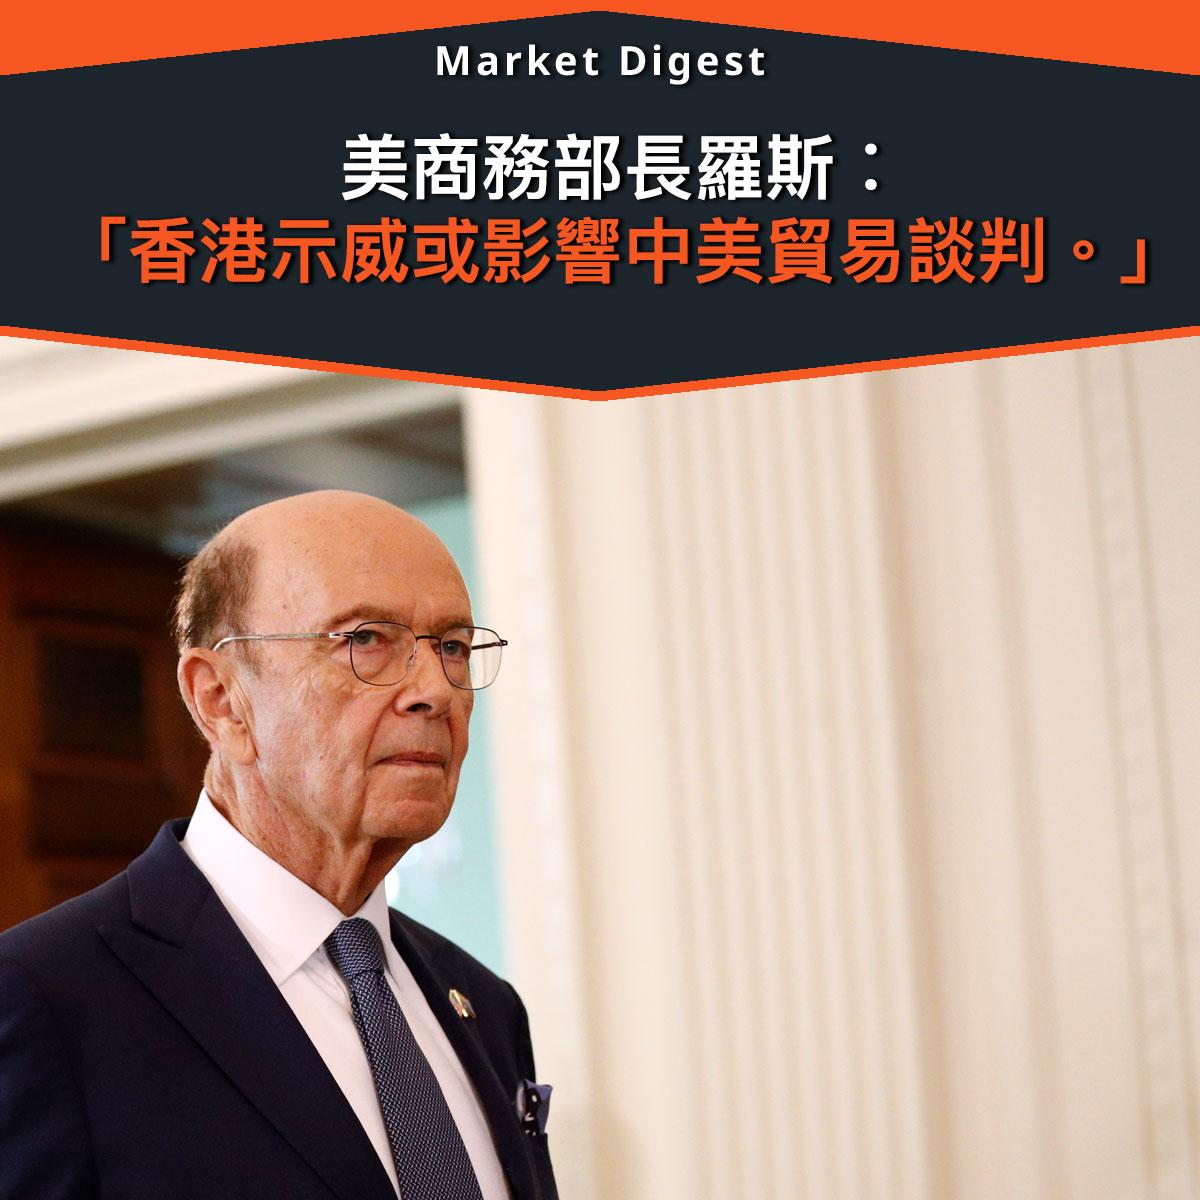 【中美貿易戰】美商務部長羅斯︰ 「香港示威或影響中美貿易談判。」